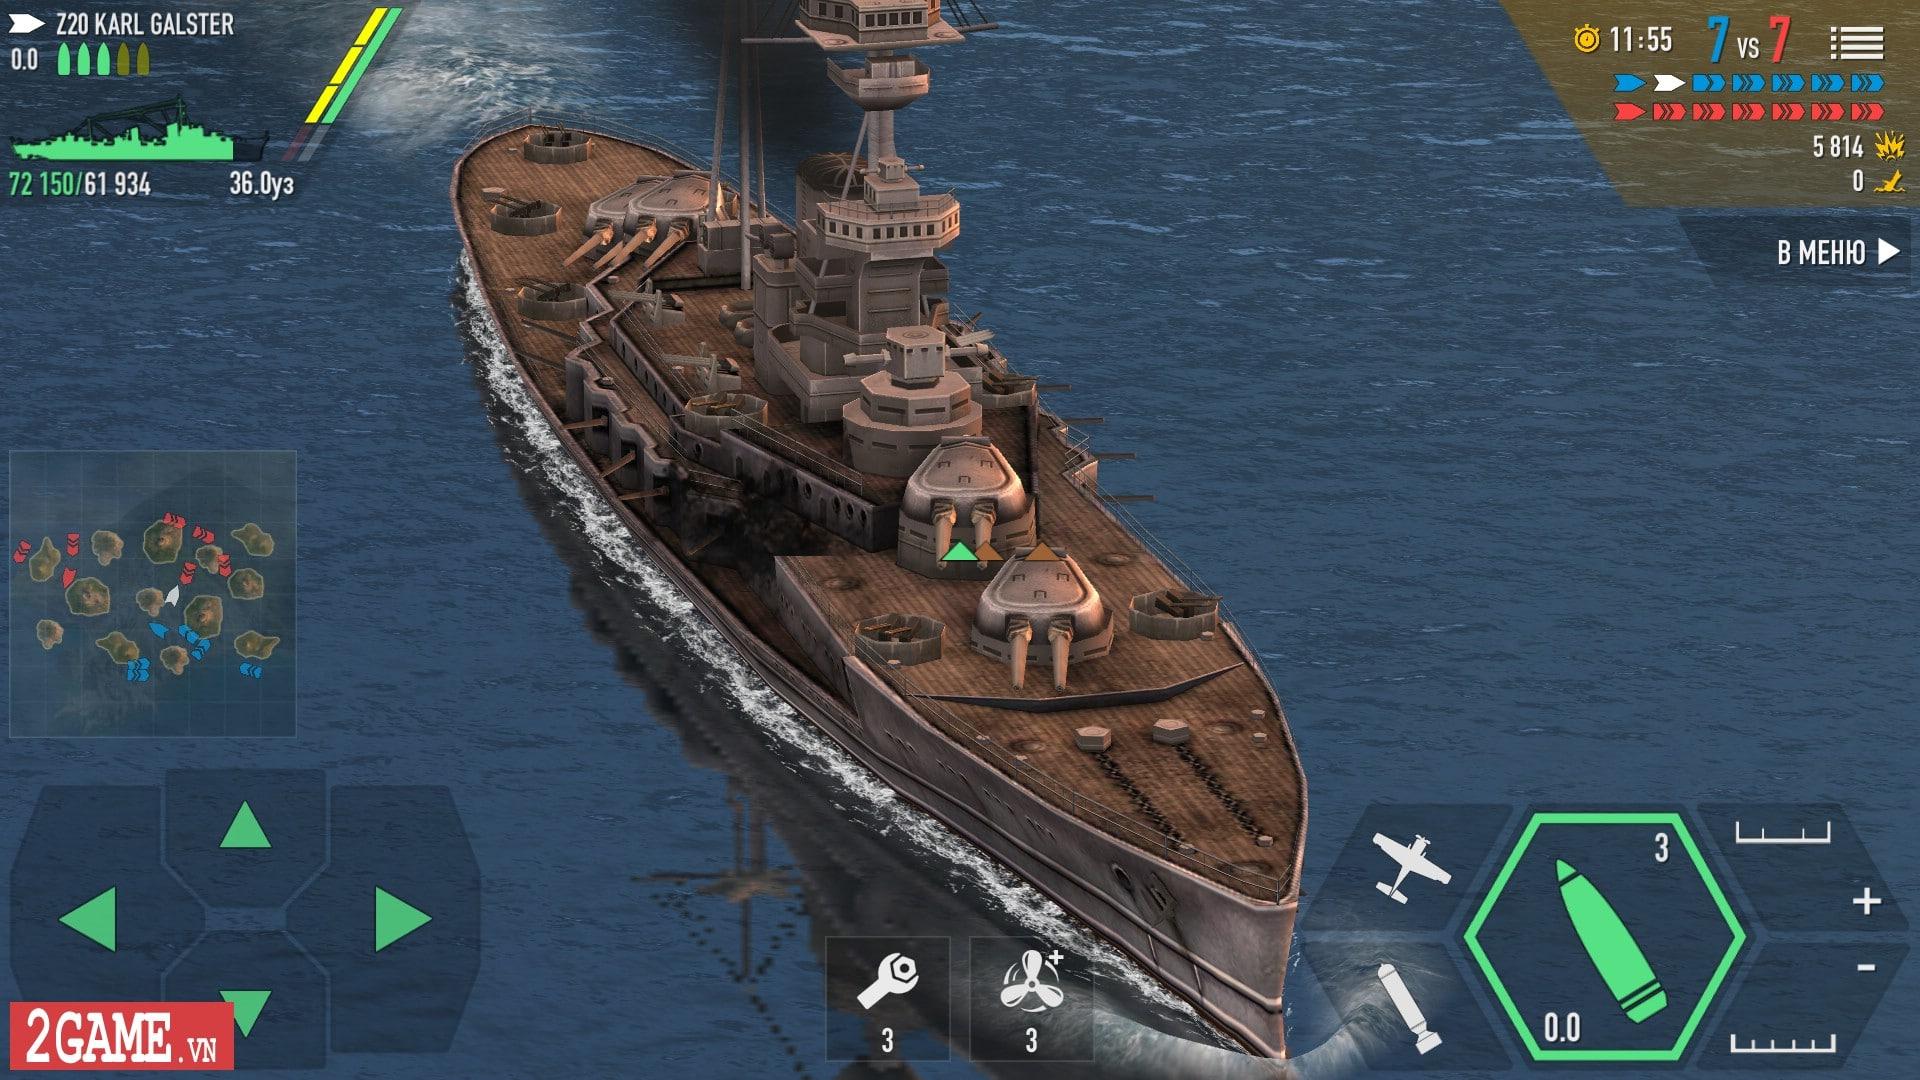 VTC Mobile xác nhận phát hành game mới Thủy Chiến 3D tại Việt Nam 0